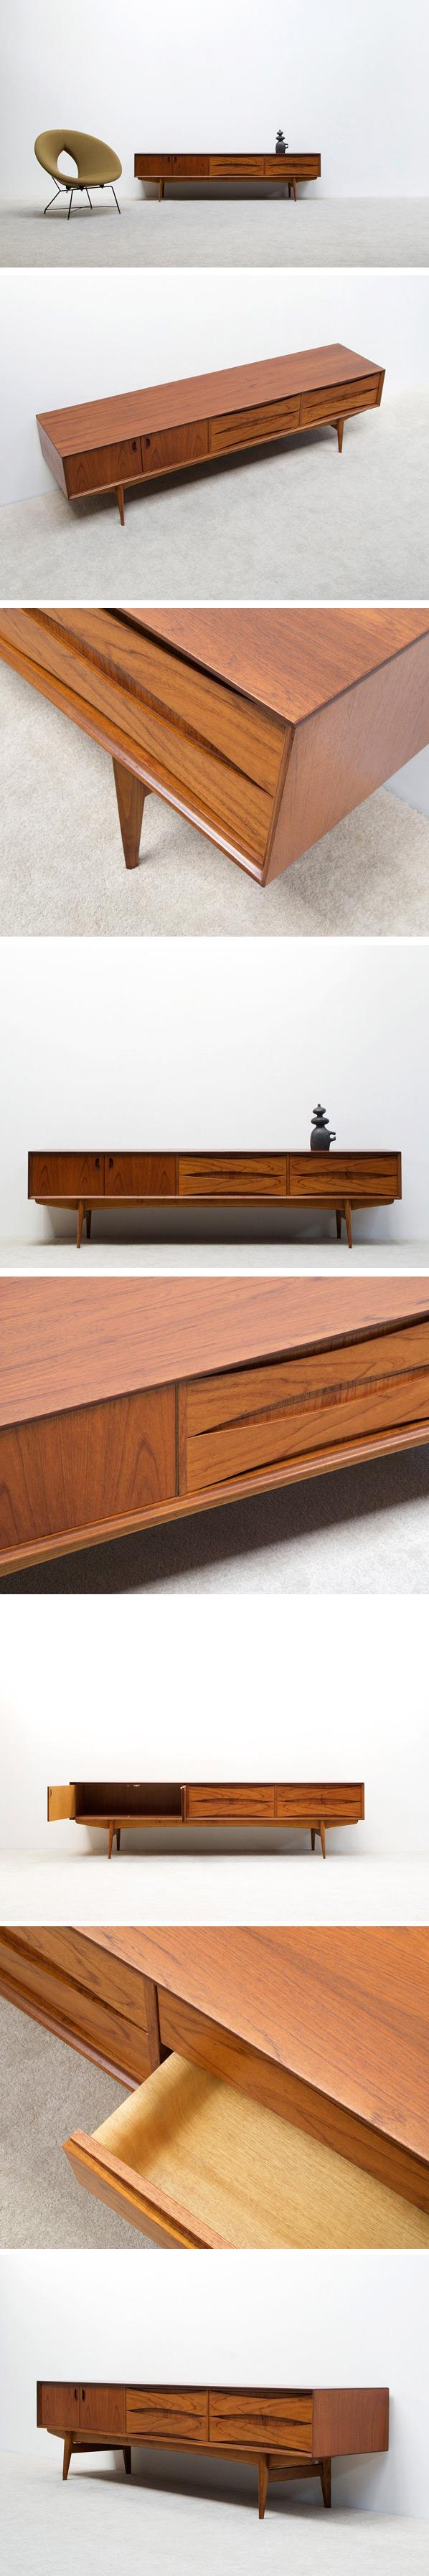 Oswald Vermaercke Ultra low V-form Teak Paola sideboard Large